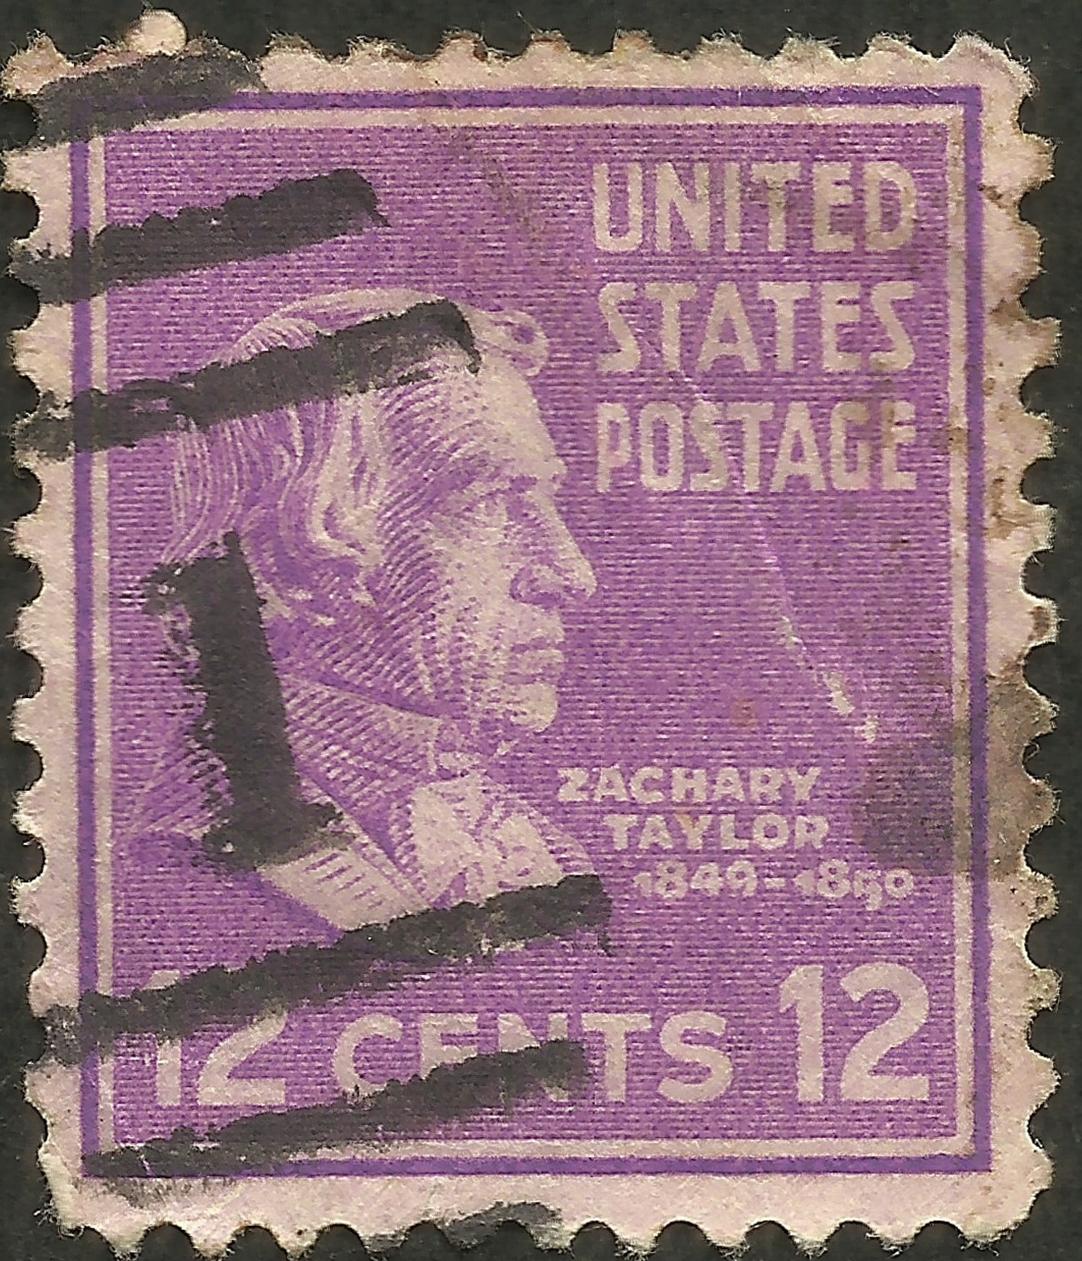 United States - Scott #817 (1938)